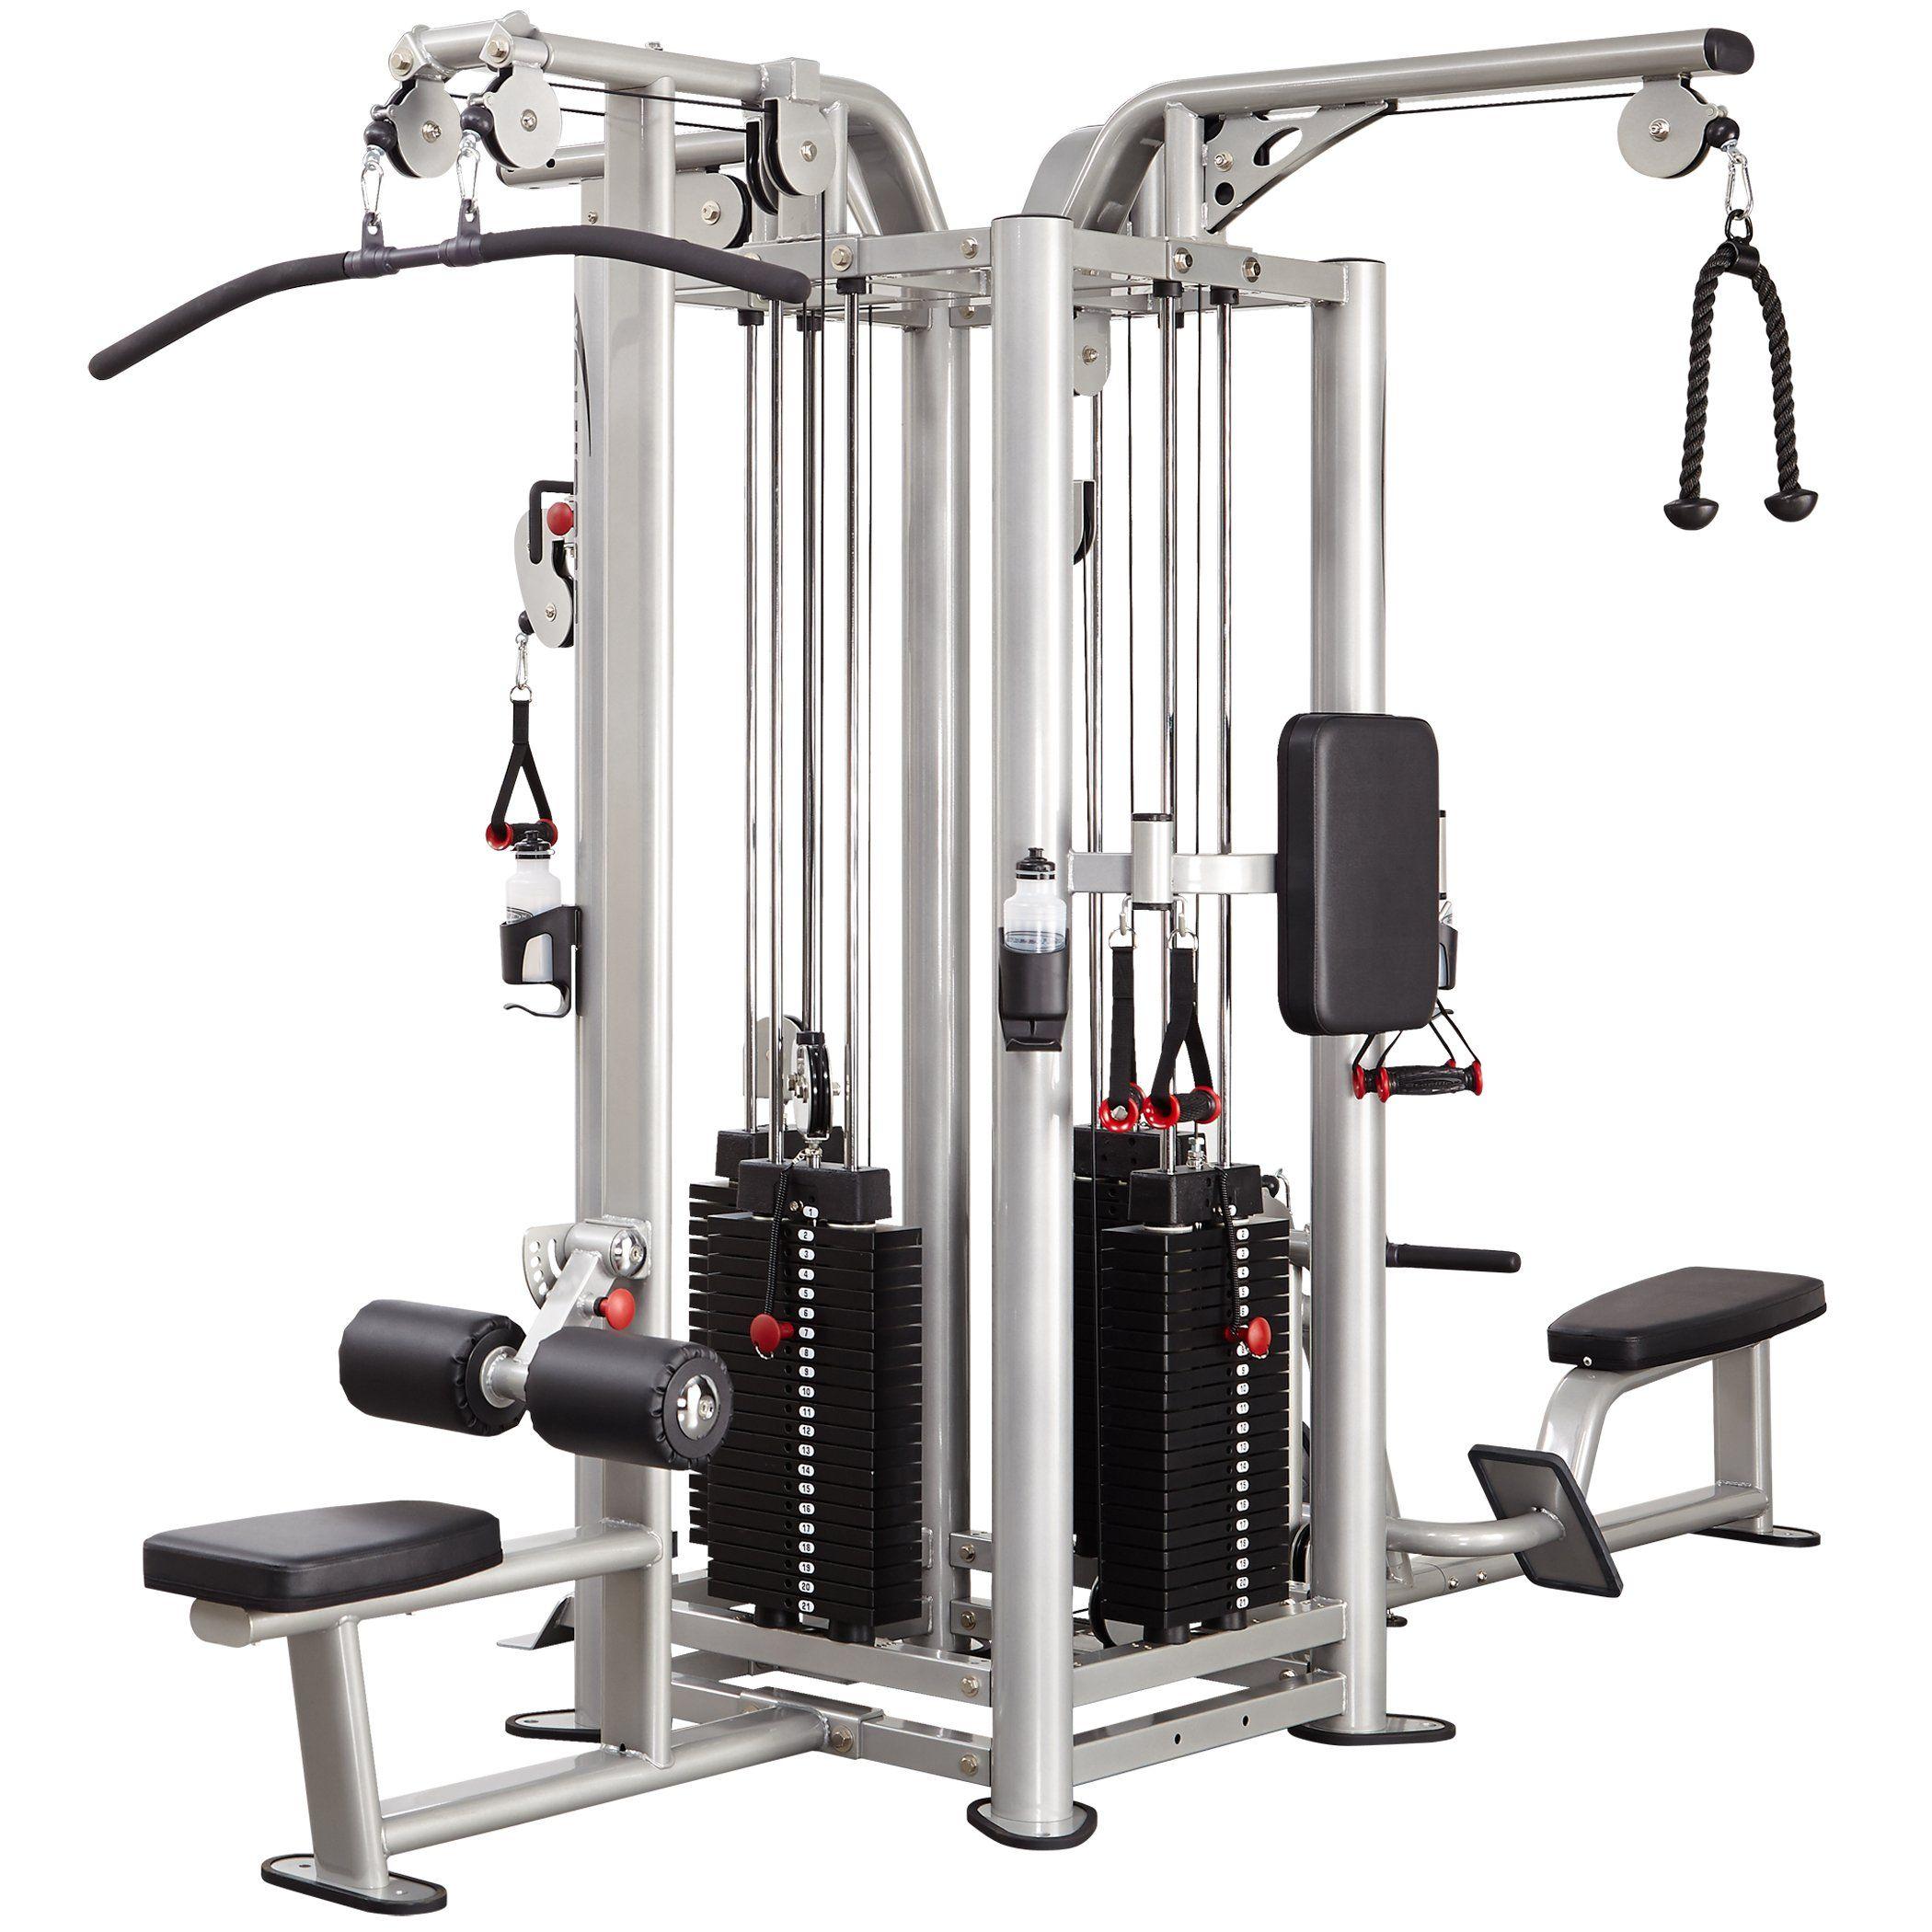 Jg4000s Steelflex Jungle Gyms Garagegym Gym Fit Workout Physicaleducationequipment H Aparelho De Musculacao Equipamentos De Academia Aparelho Academia